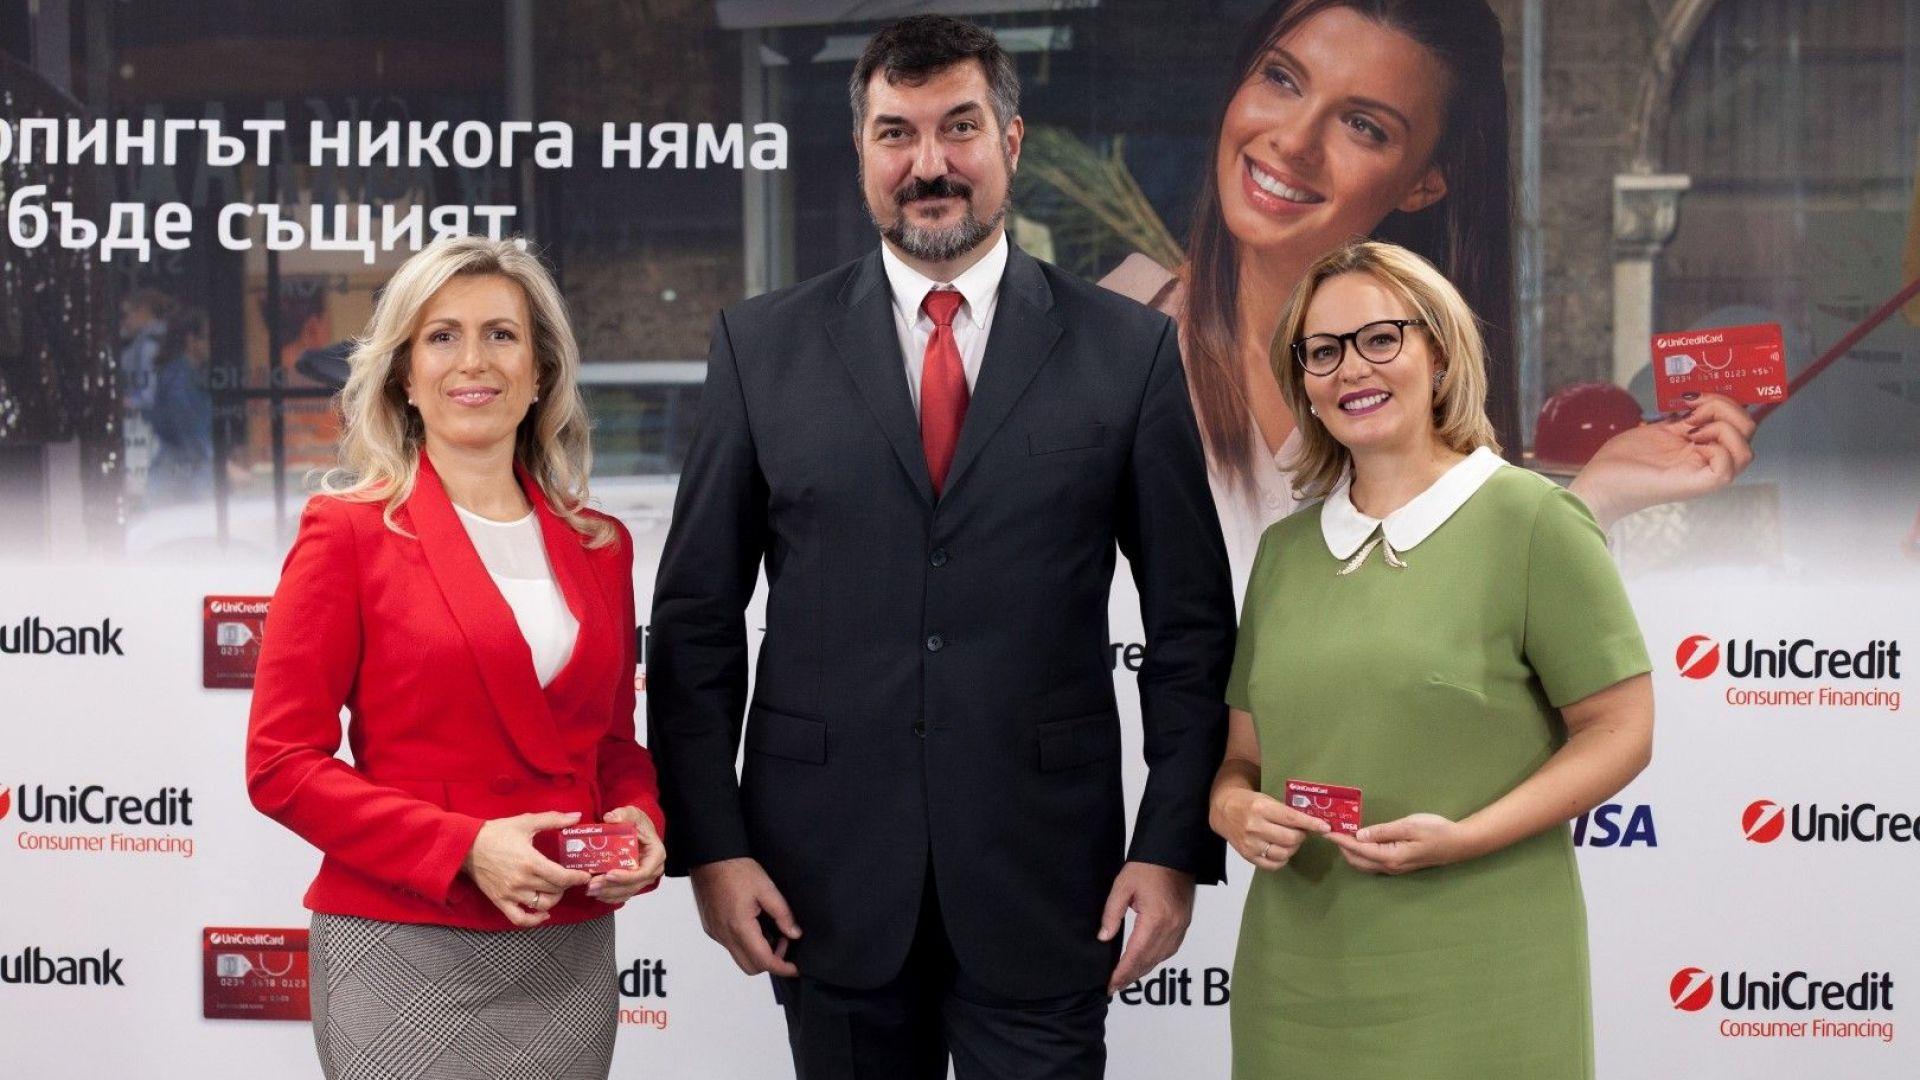 УниКредит в България с нова карта с възможност за разсрочено плащане на покупките